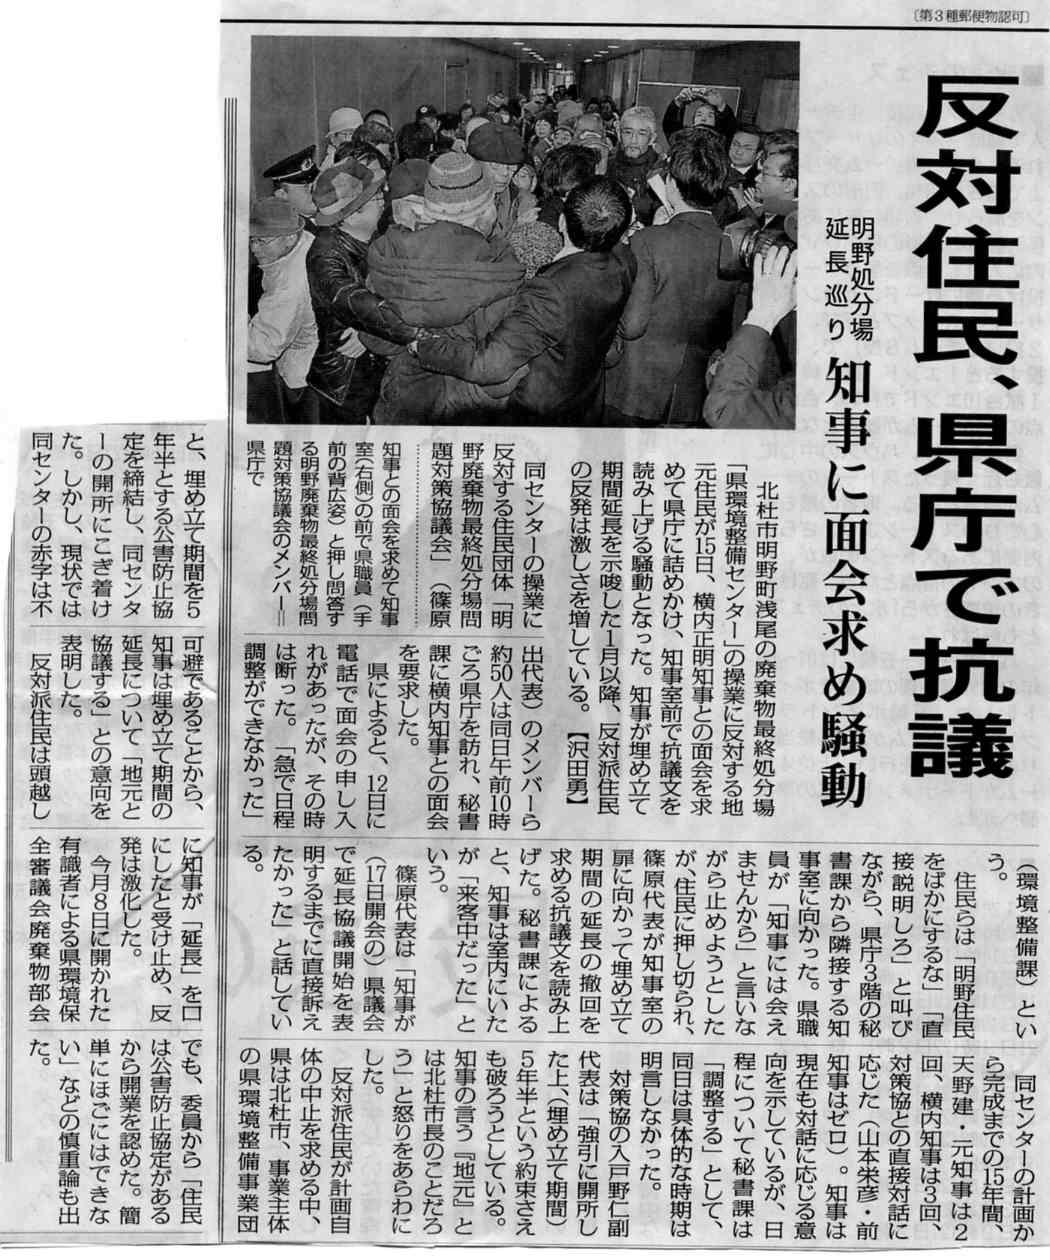 県庁で市民が処分場の操業停止を求め激しく抗議_e0105099_1113780.jpg